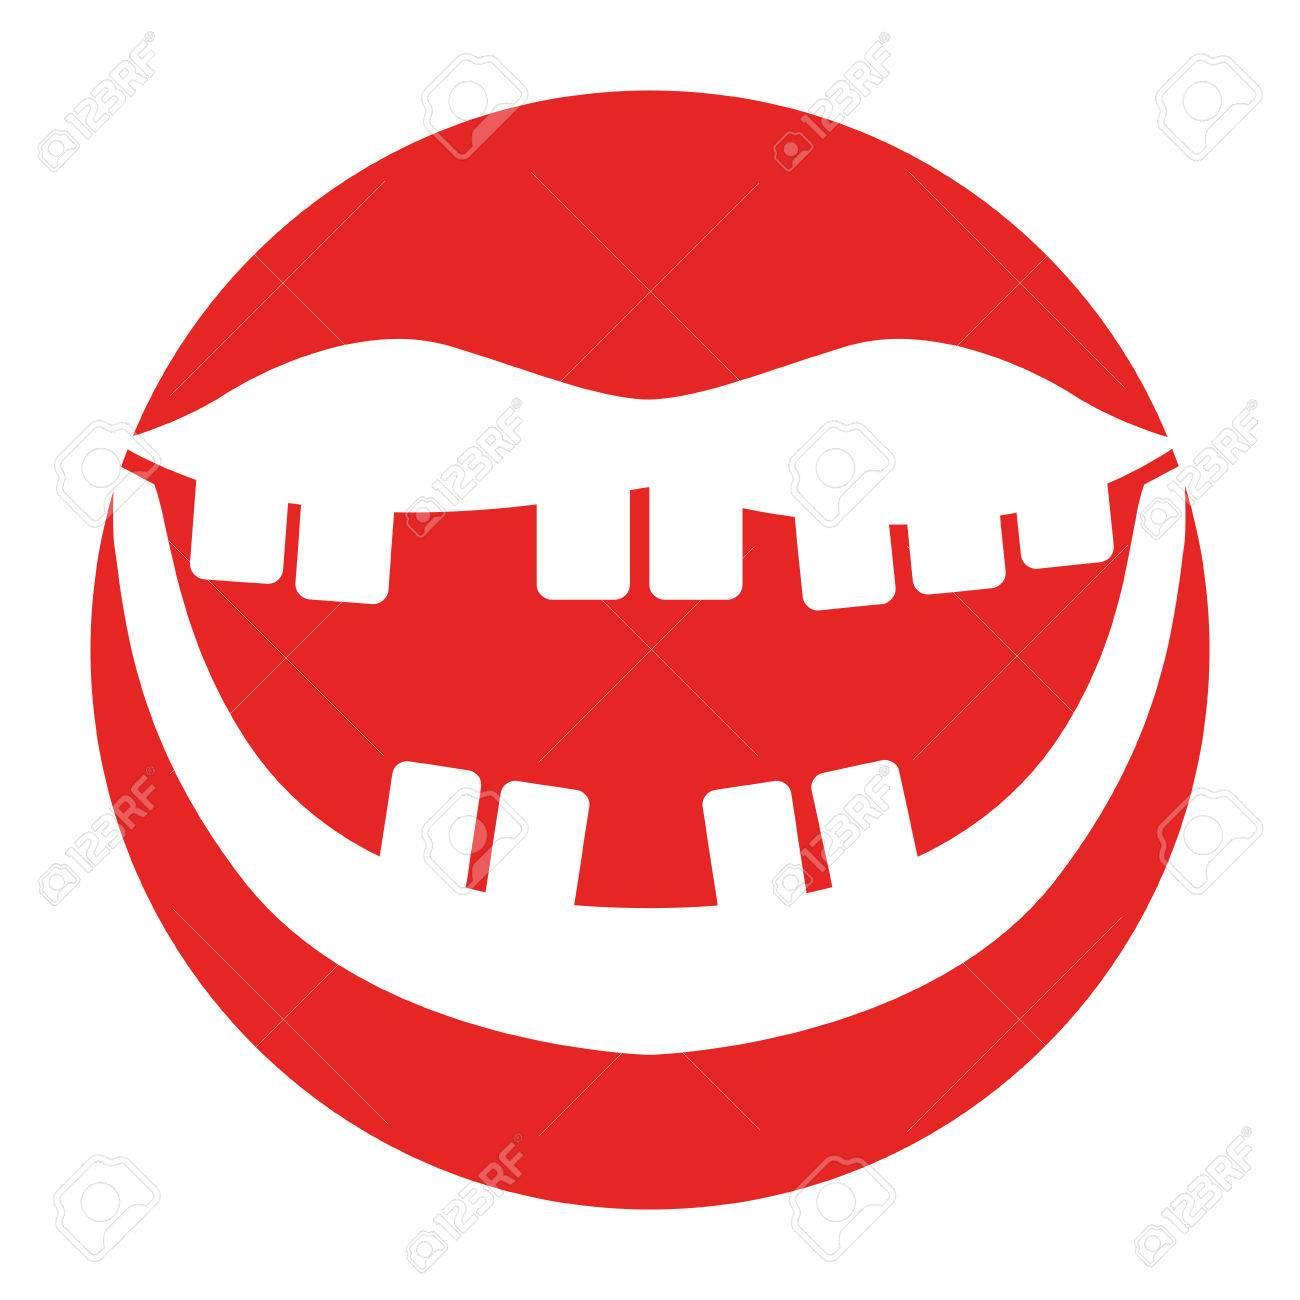 口の中で悪い歯ベクトル イラスト デザインのイラスト素材ベクタ